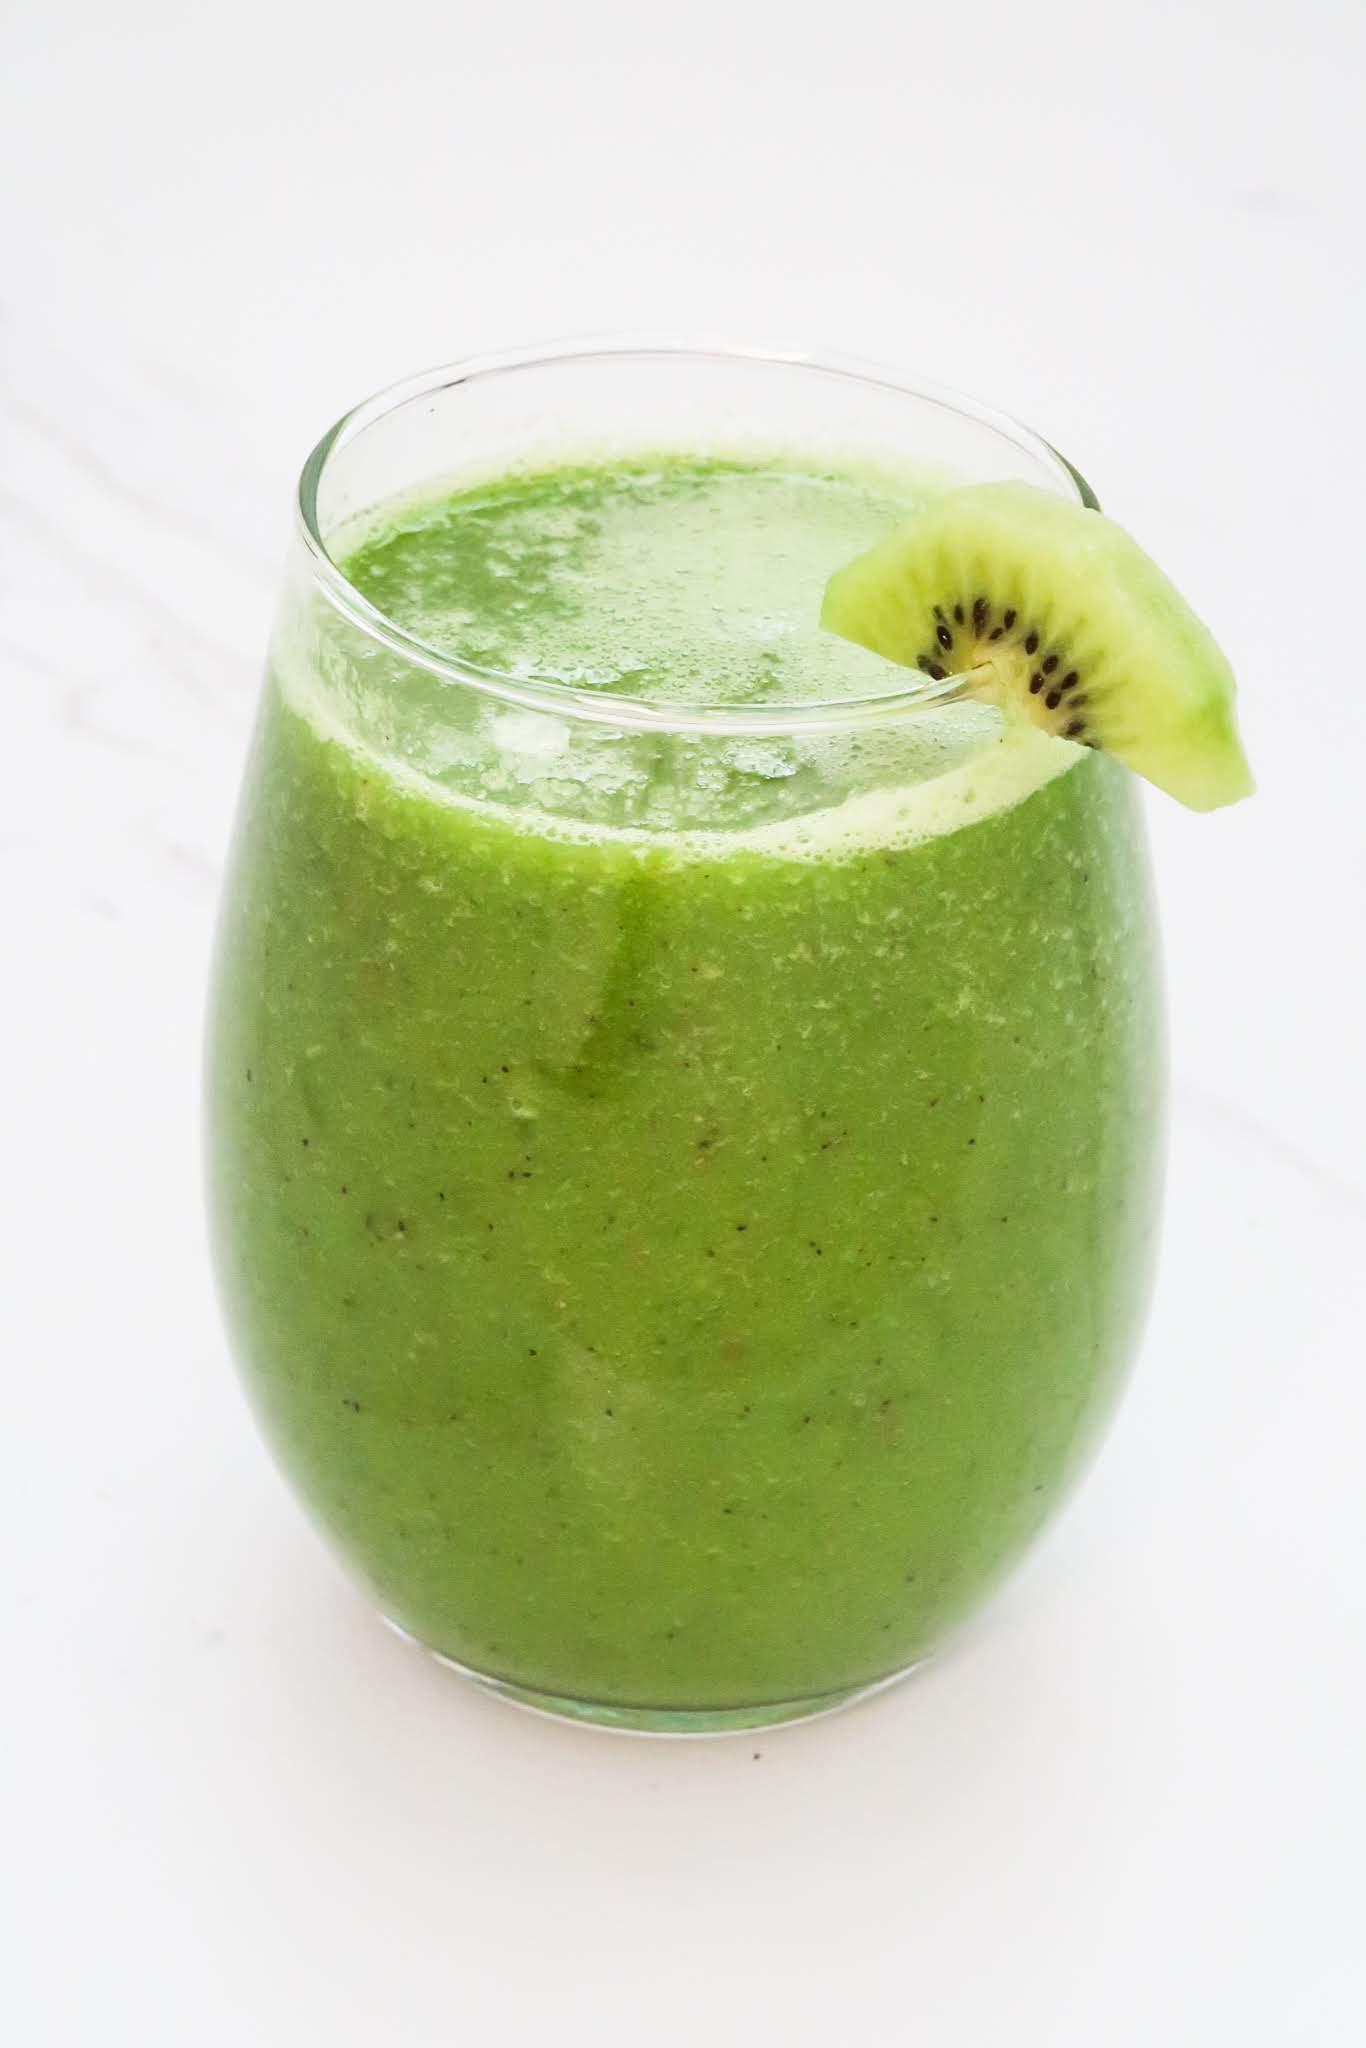 kiwi apple smoothie recipe - easy green smoothie